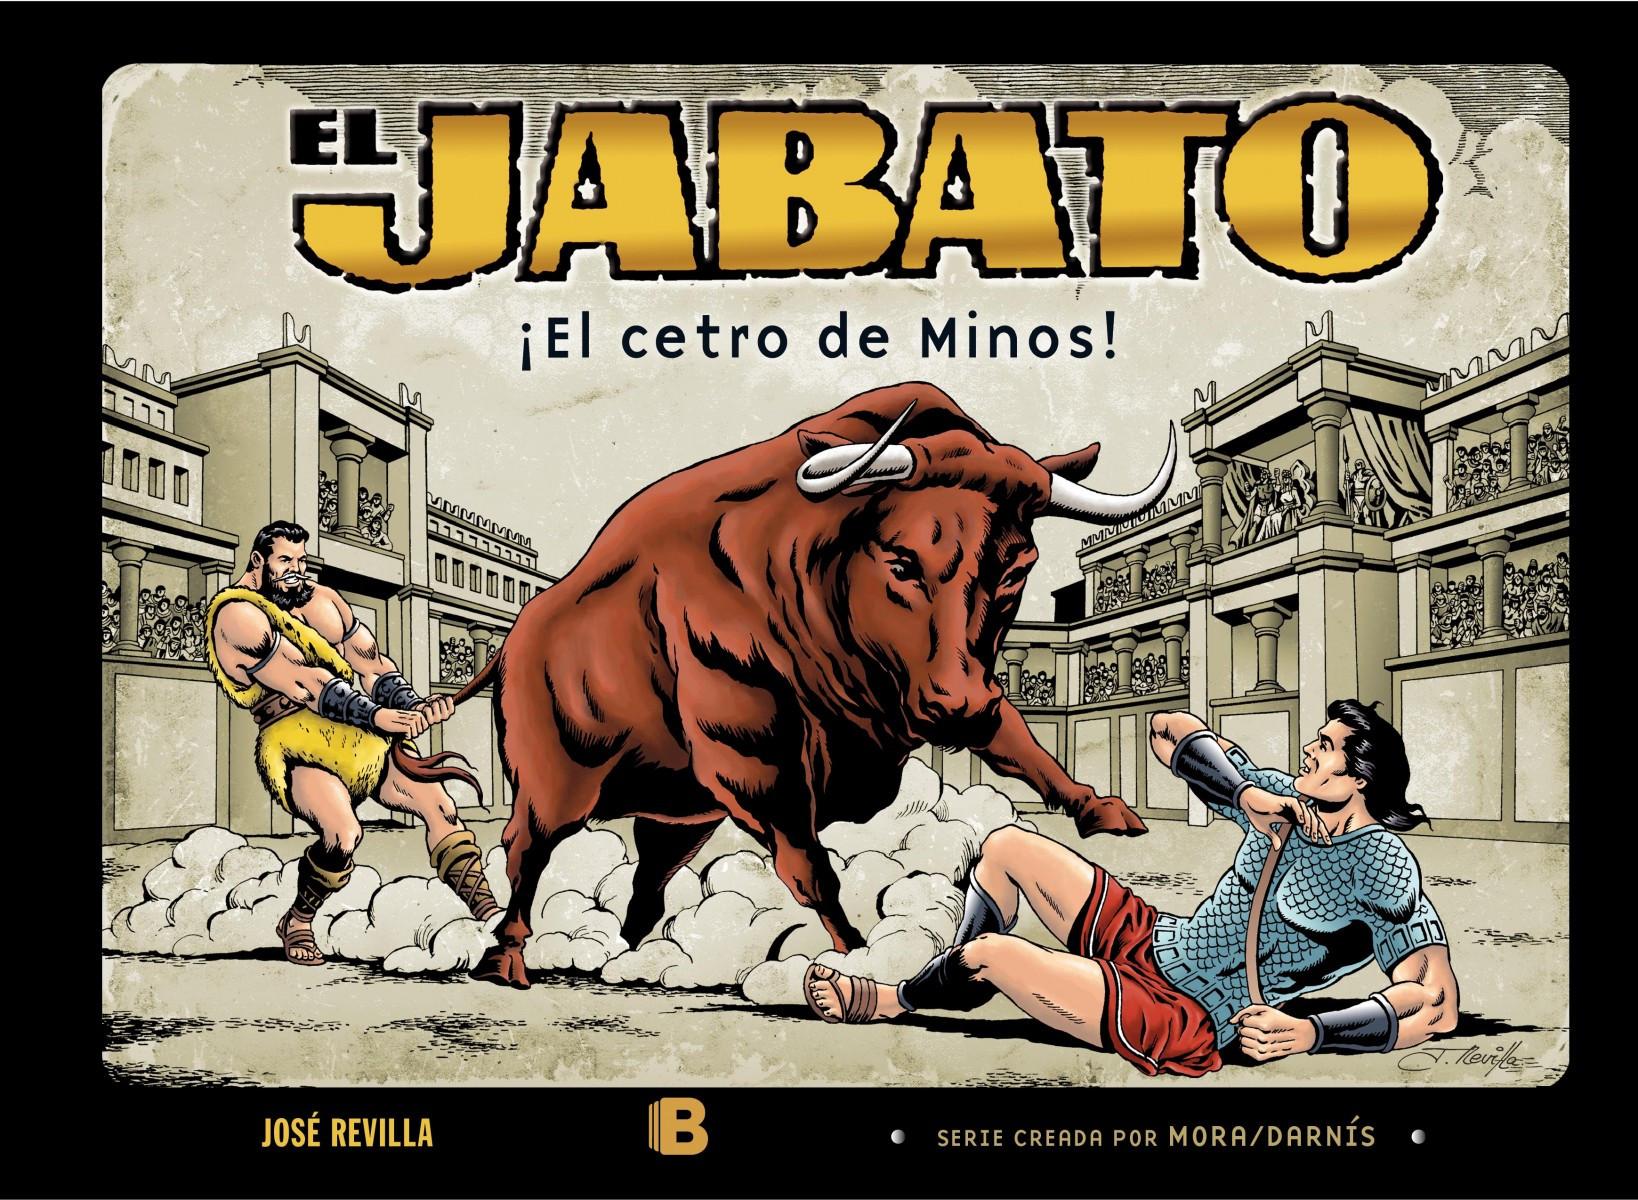 ¡El Cetro de Minos! (Las nuevas aventuras de El Jabato 3)